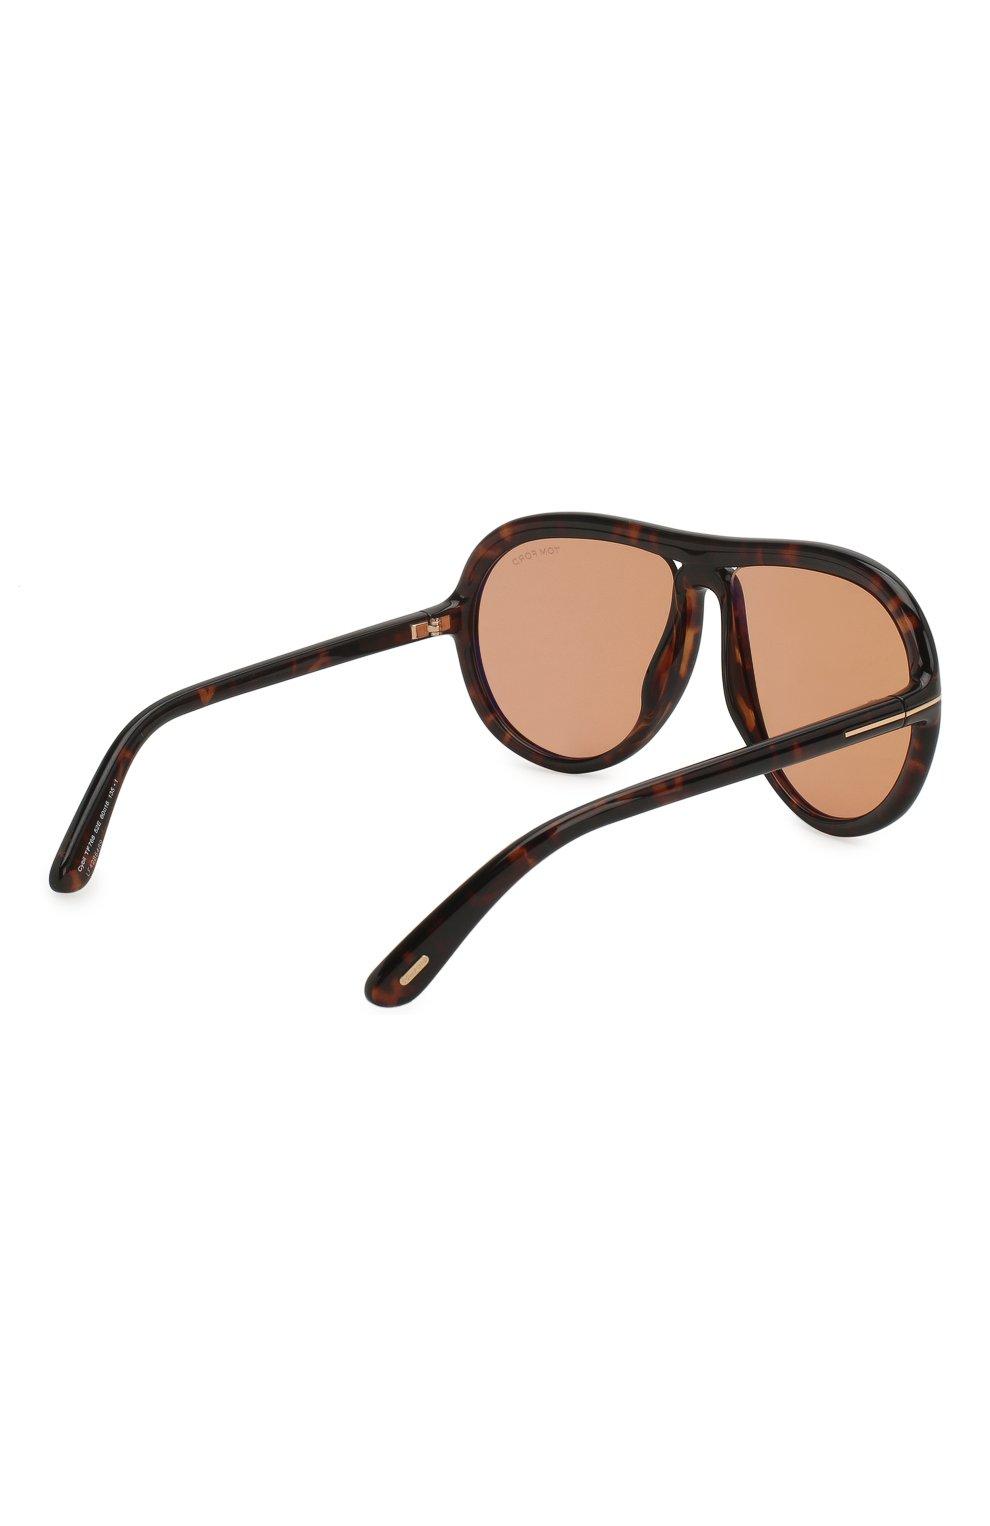 Мужские солнцезащитные очки TOM FORD коричневого цвета, арт. TF768 | Фото 3